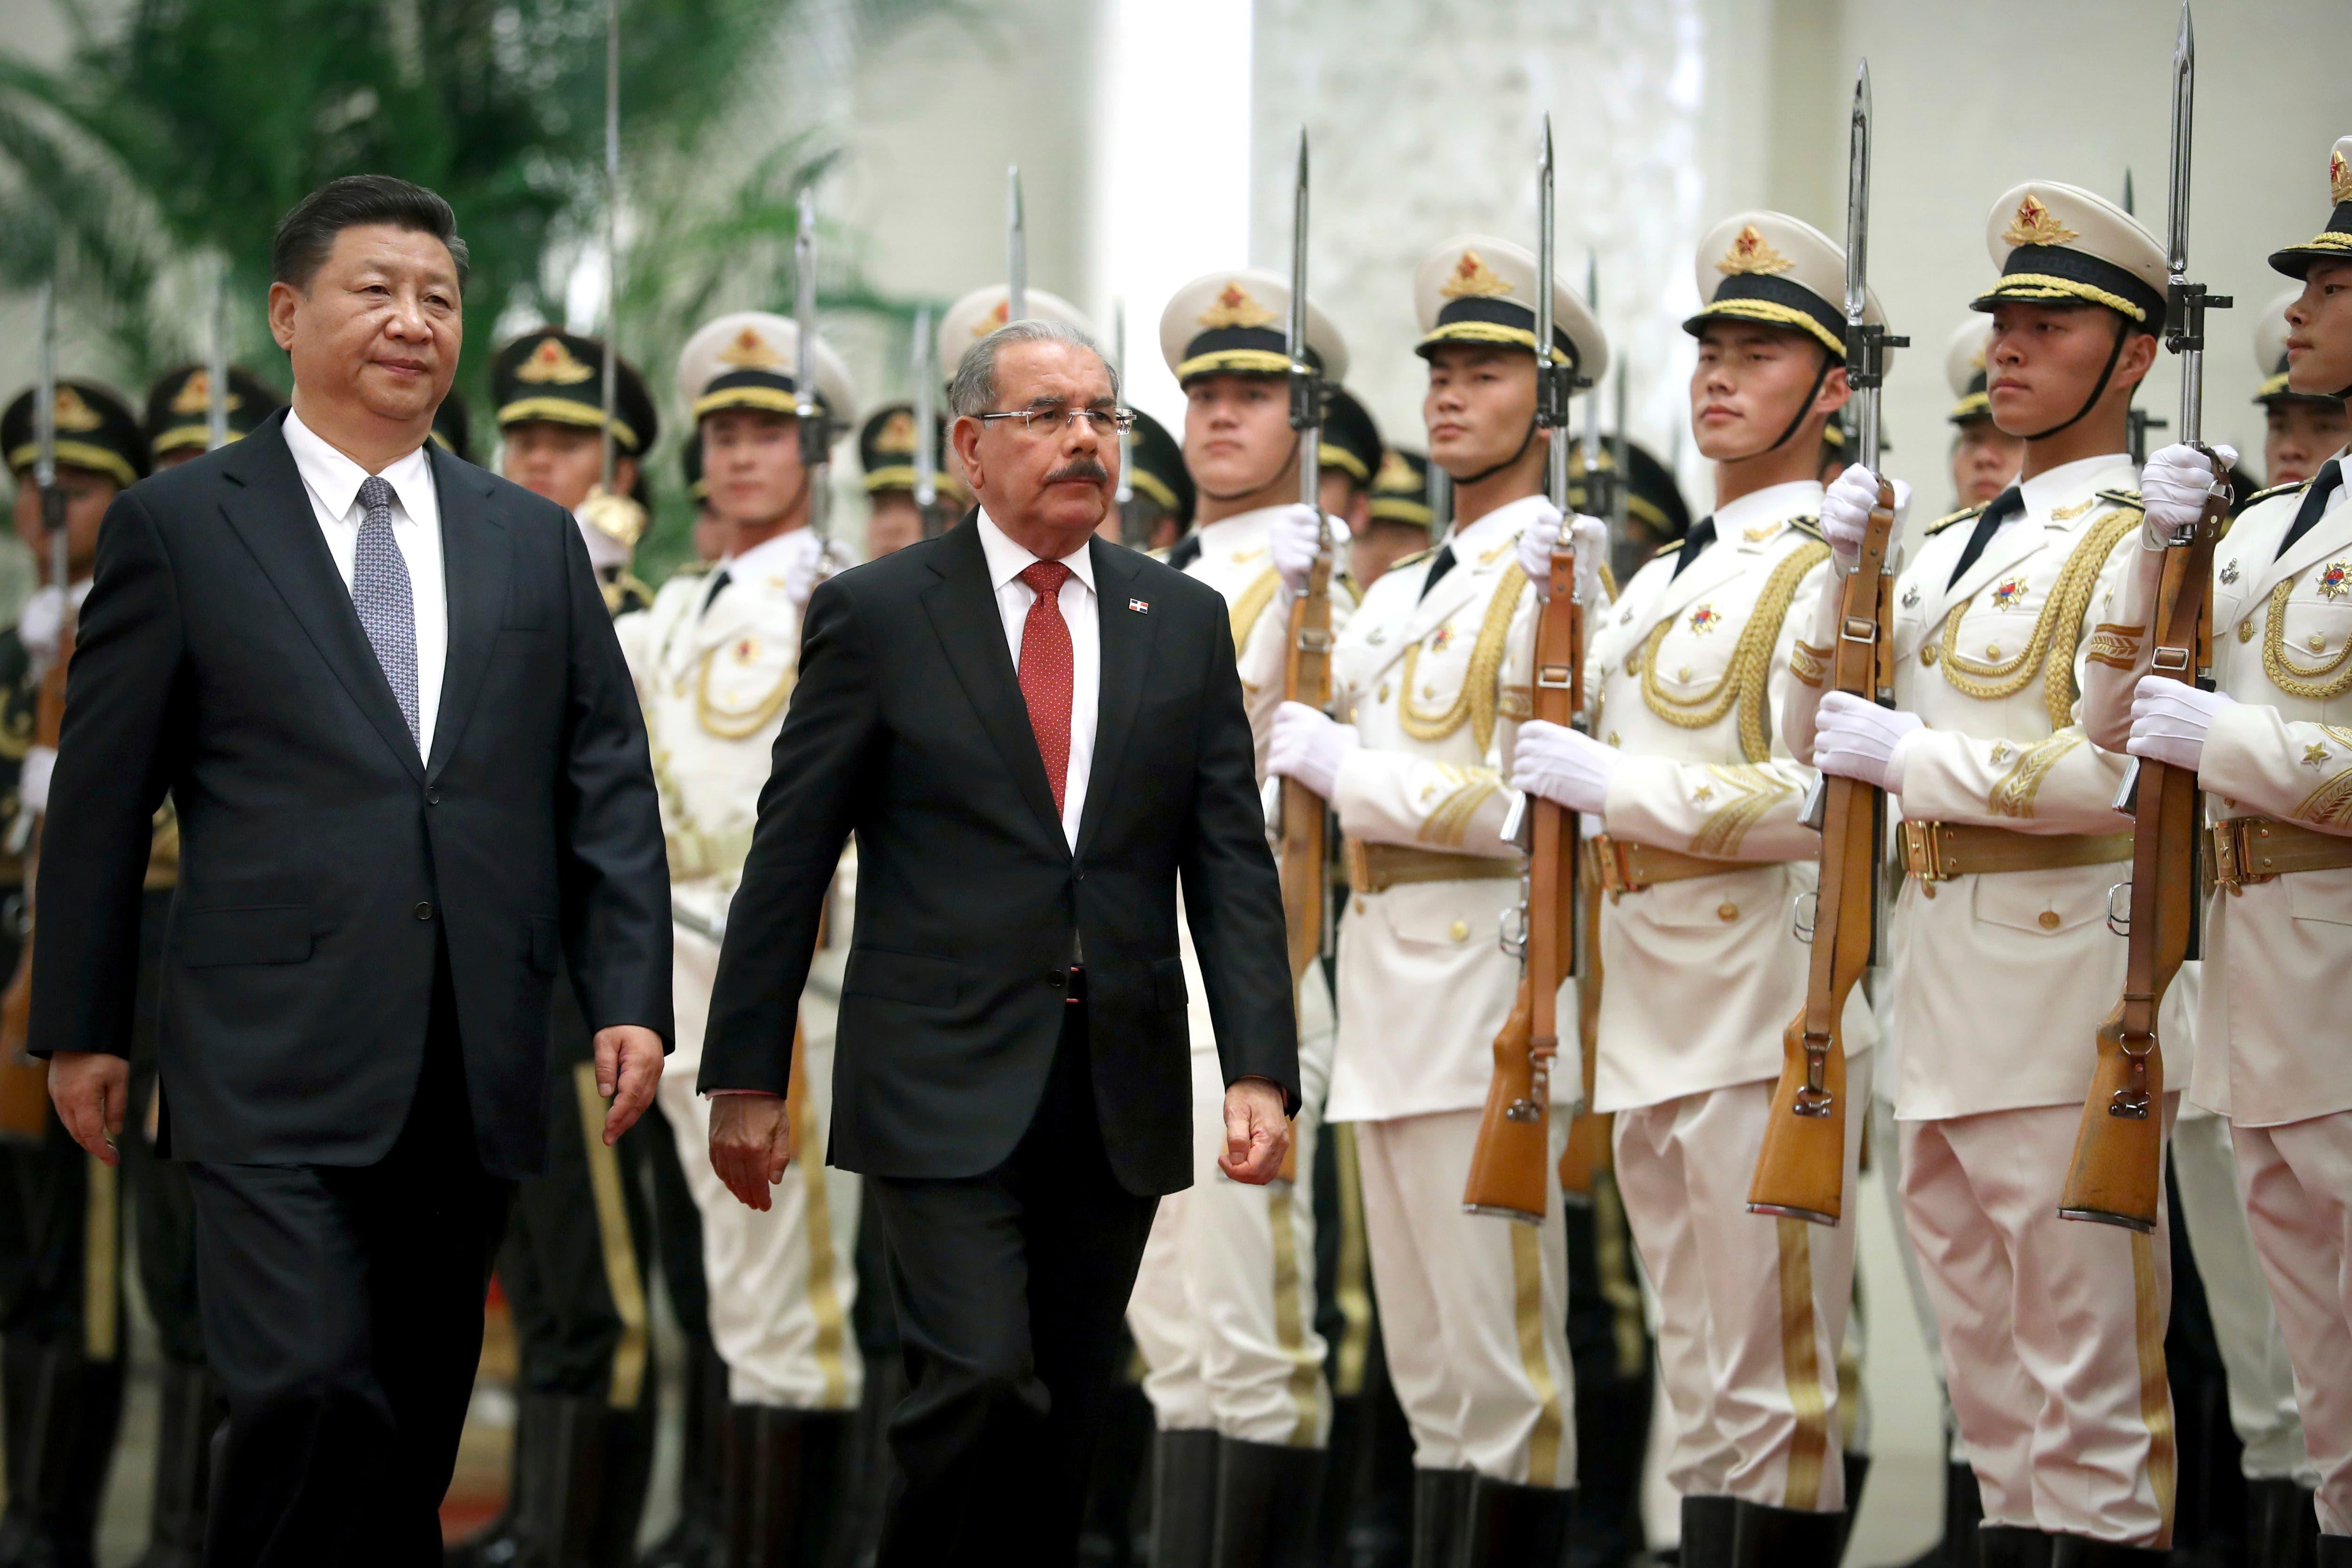 10. El presidente de la República Dominicana, Danilo Medina, a la izquierda, y el presidente de China, Xi Jinping, caminan juntos durante una ceremonia de bienvenida en el Gran Palacio del Pueblo en Beijing,